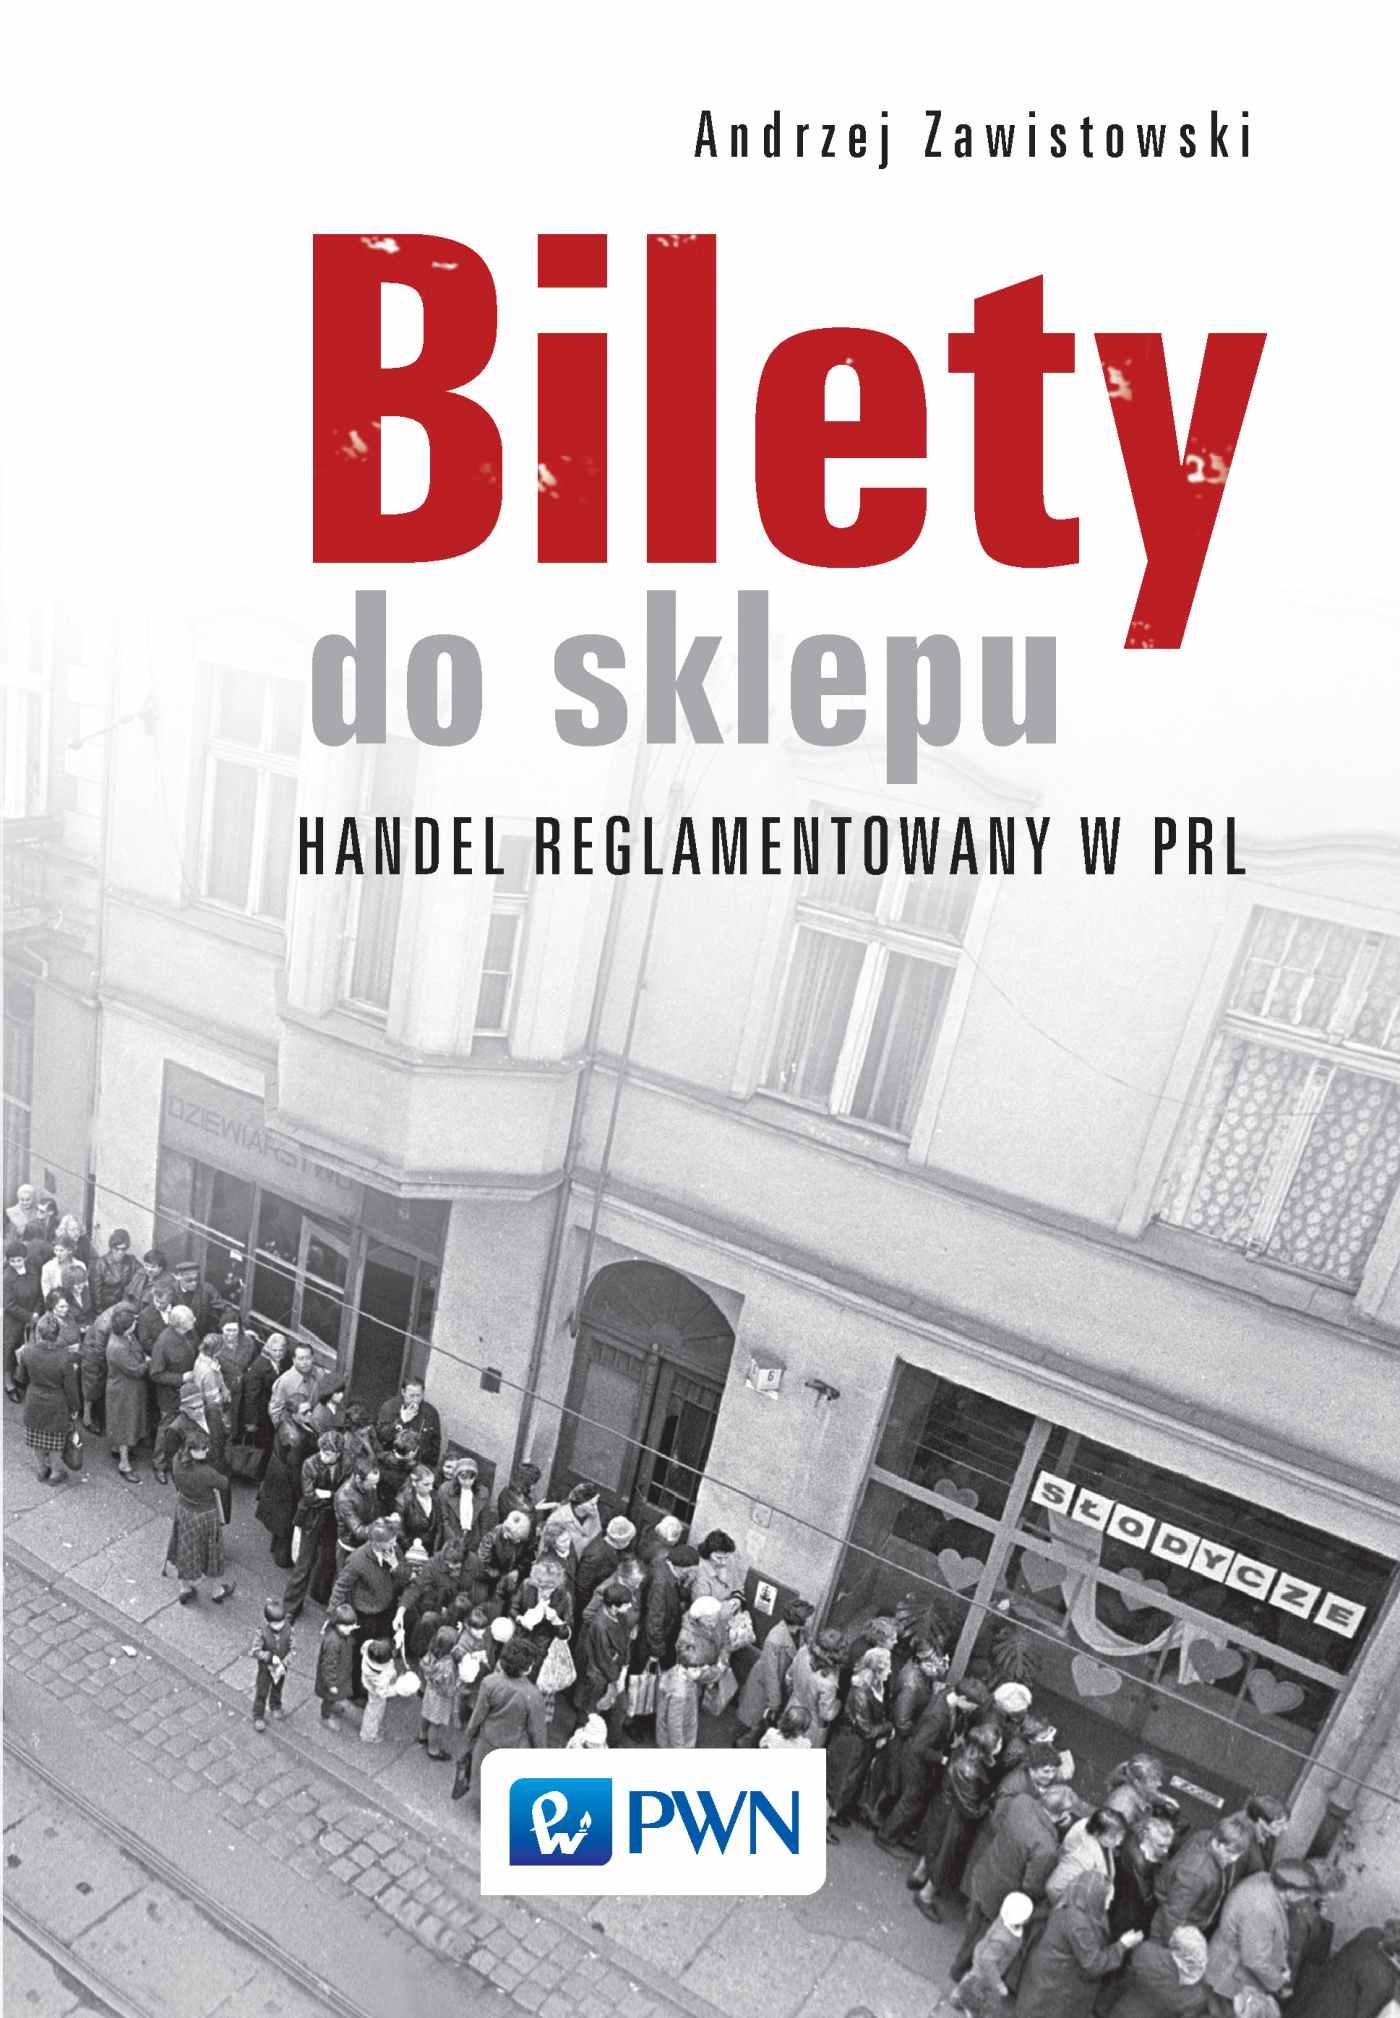 Bilety do sklepu. Handel reglamentowany w PRL - Ebook (Książka na Kindle) do pobrania w formacie MOBI